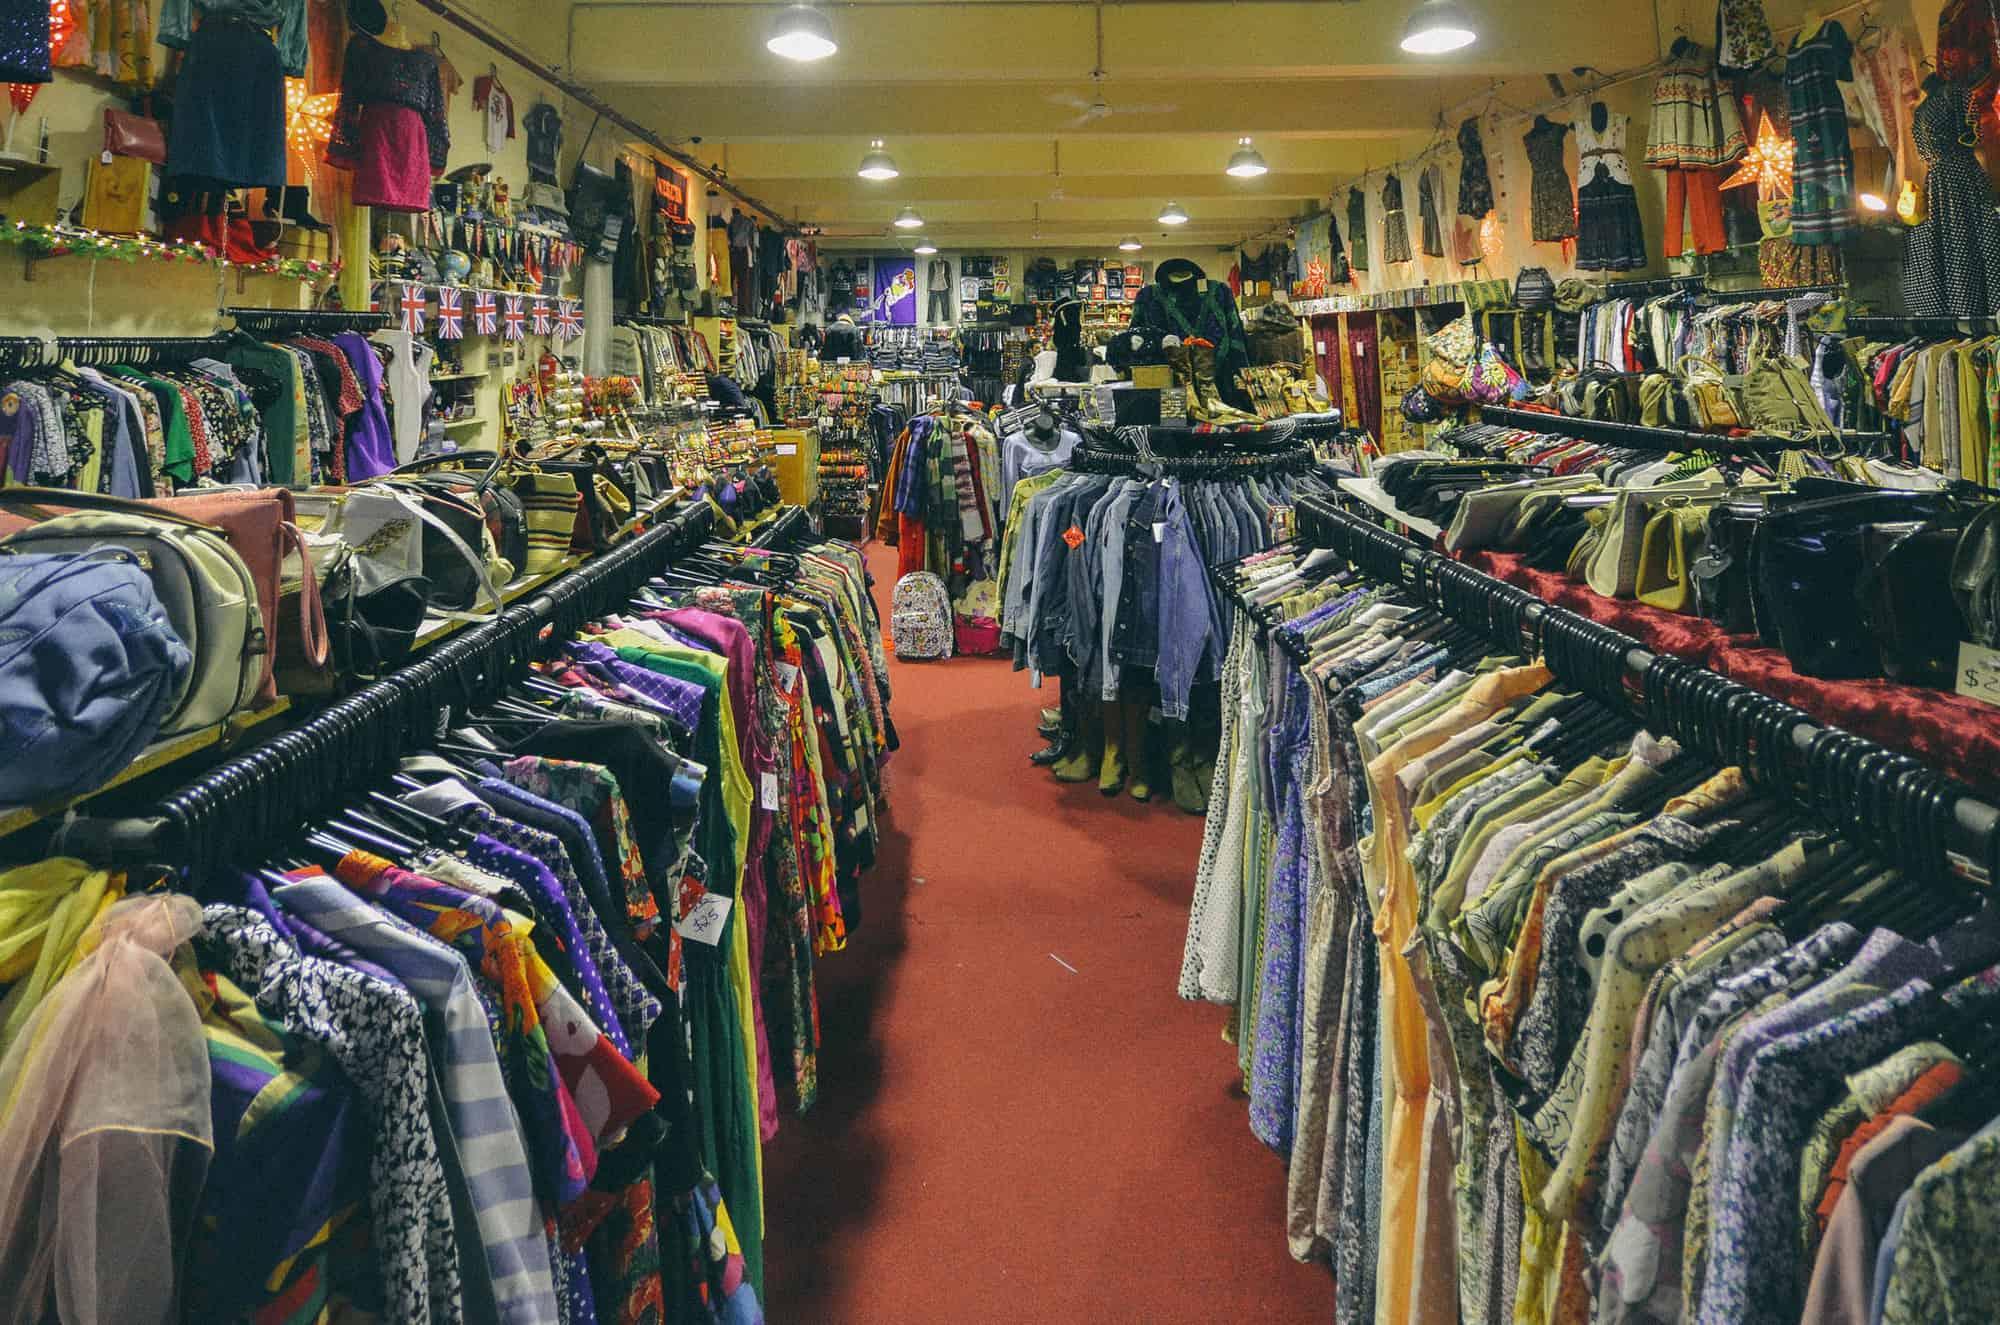 اماكن شراء ملابس في اسطنبول